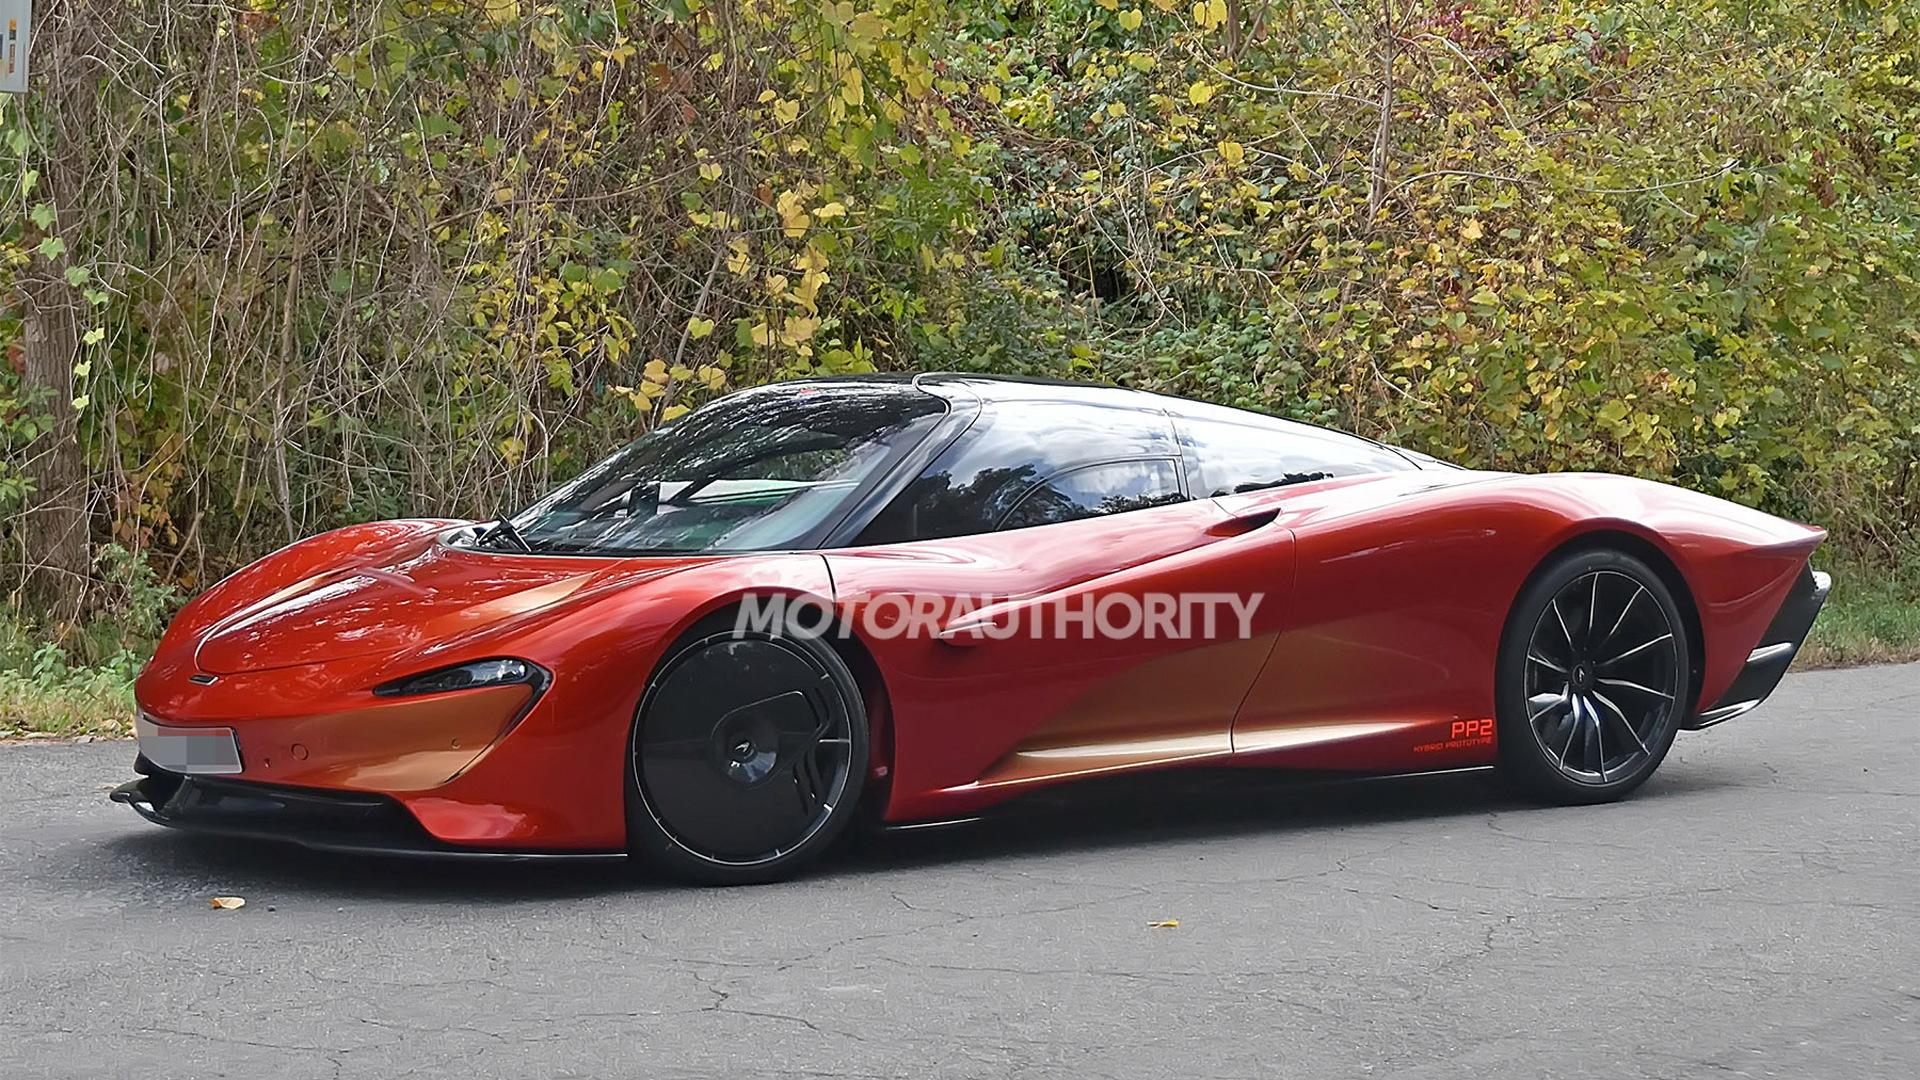 McLaren Speedtail PP2 prototype spy shots - Photo credit: S. Baldauf/SB-Medien